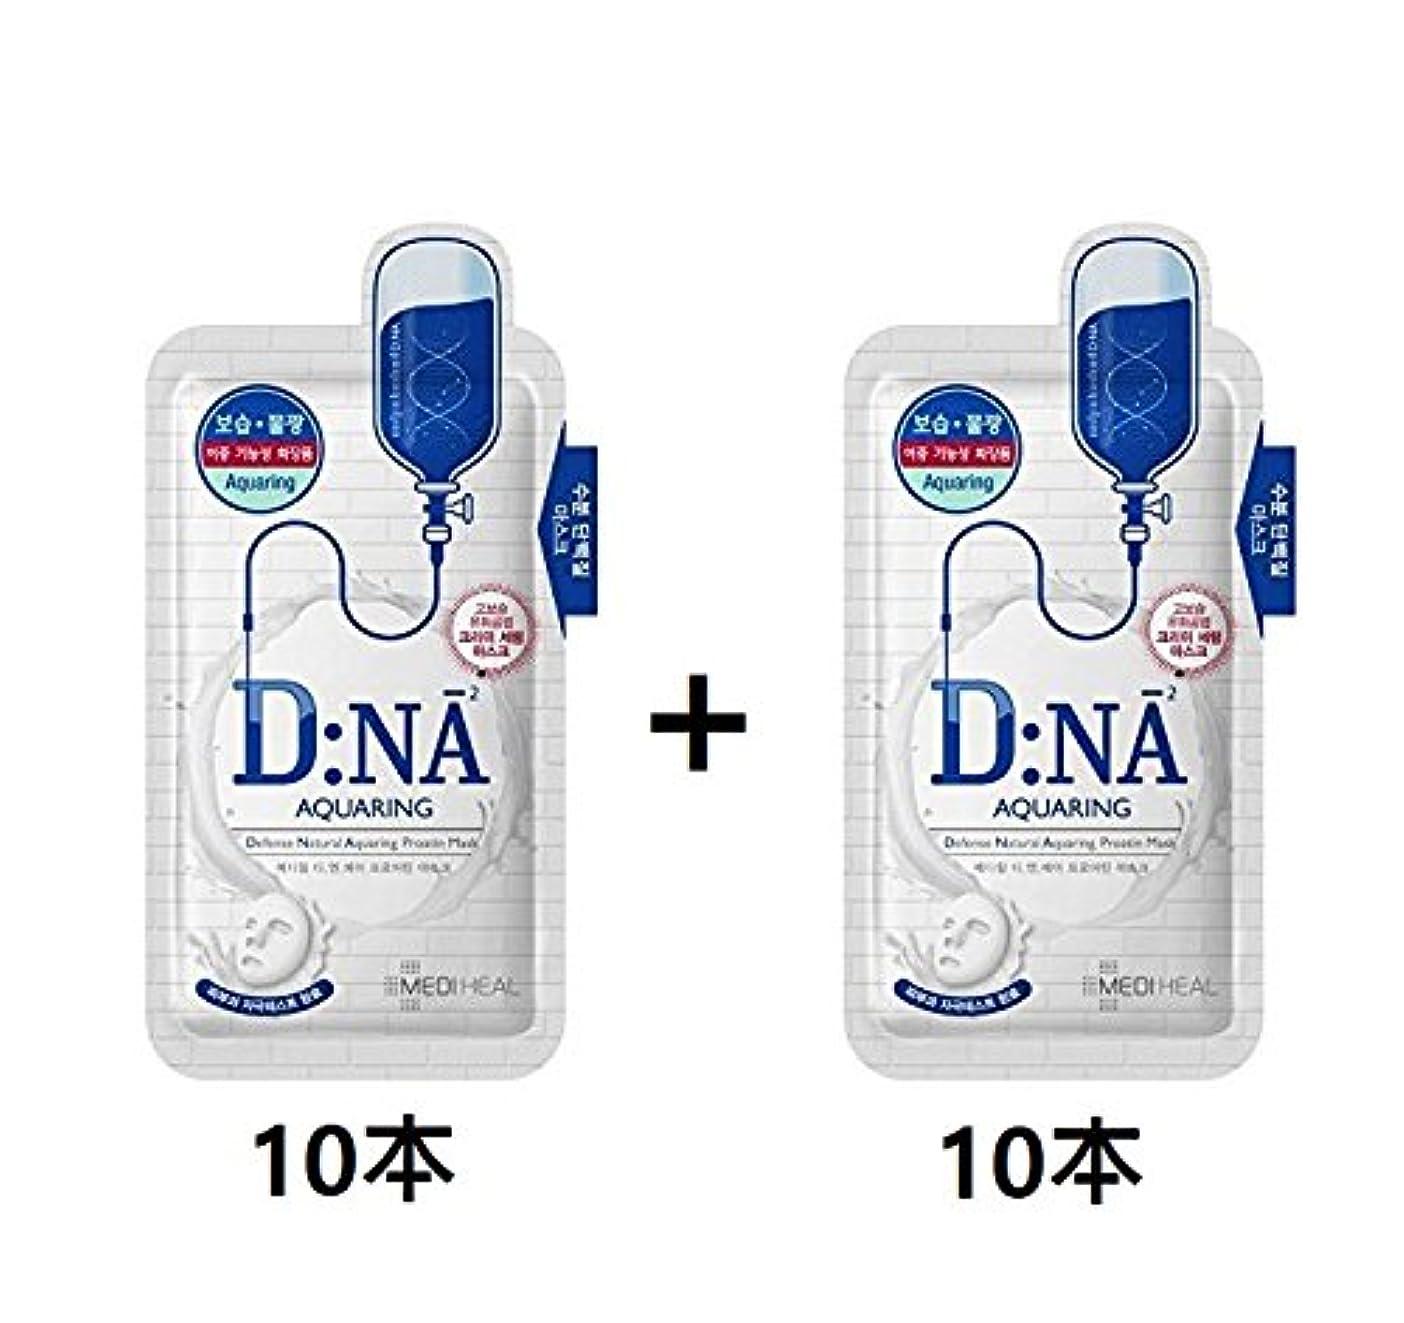 叱る連帯手紙を書く[10+10] Mediheal DNA プロアチン マスクパック (アクアリング) 25g x (10枚+10枚) [ Mediheal DNA Proatin Face Mask Pack (Aquaring) 25g...